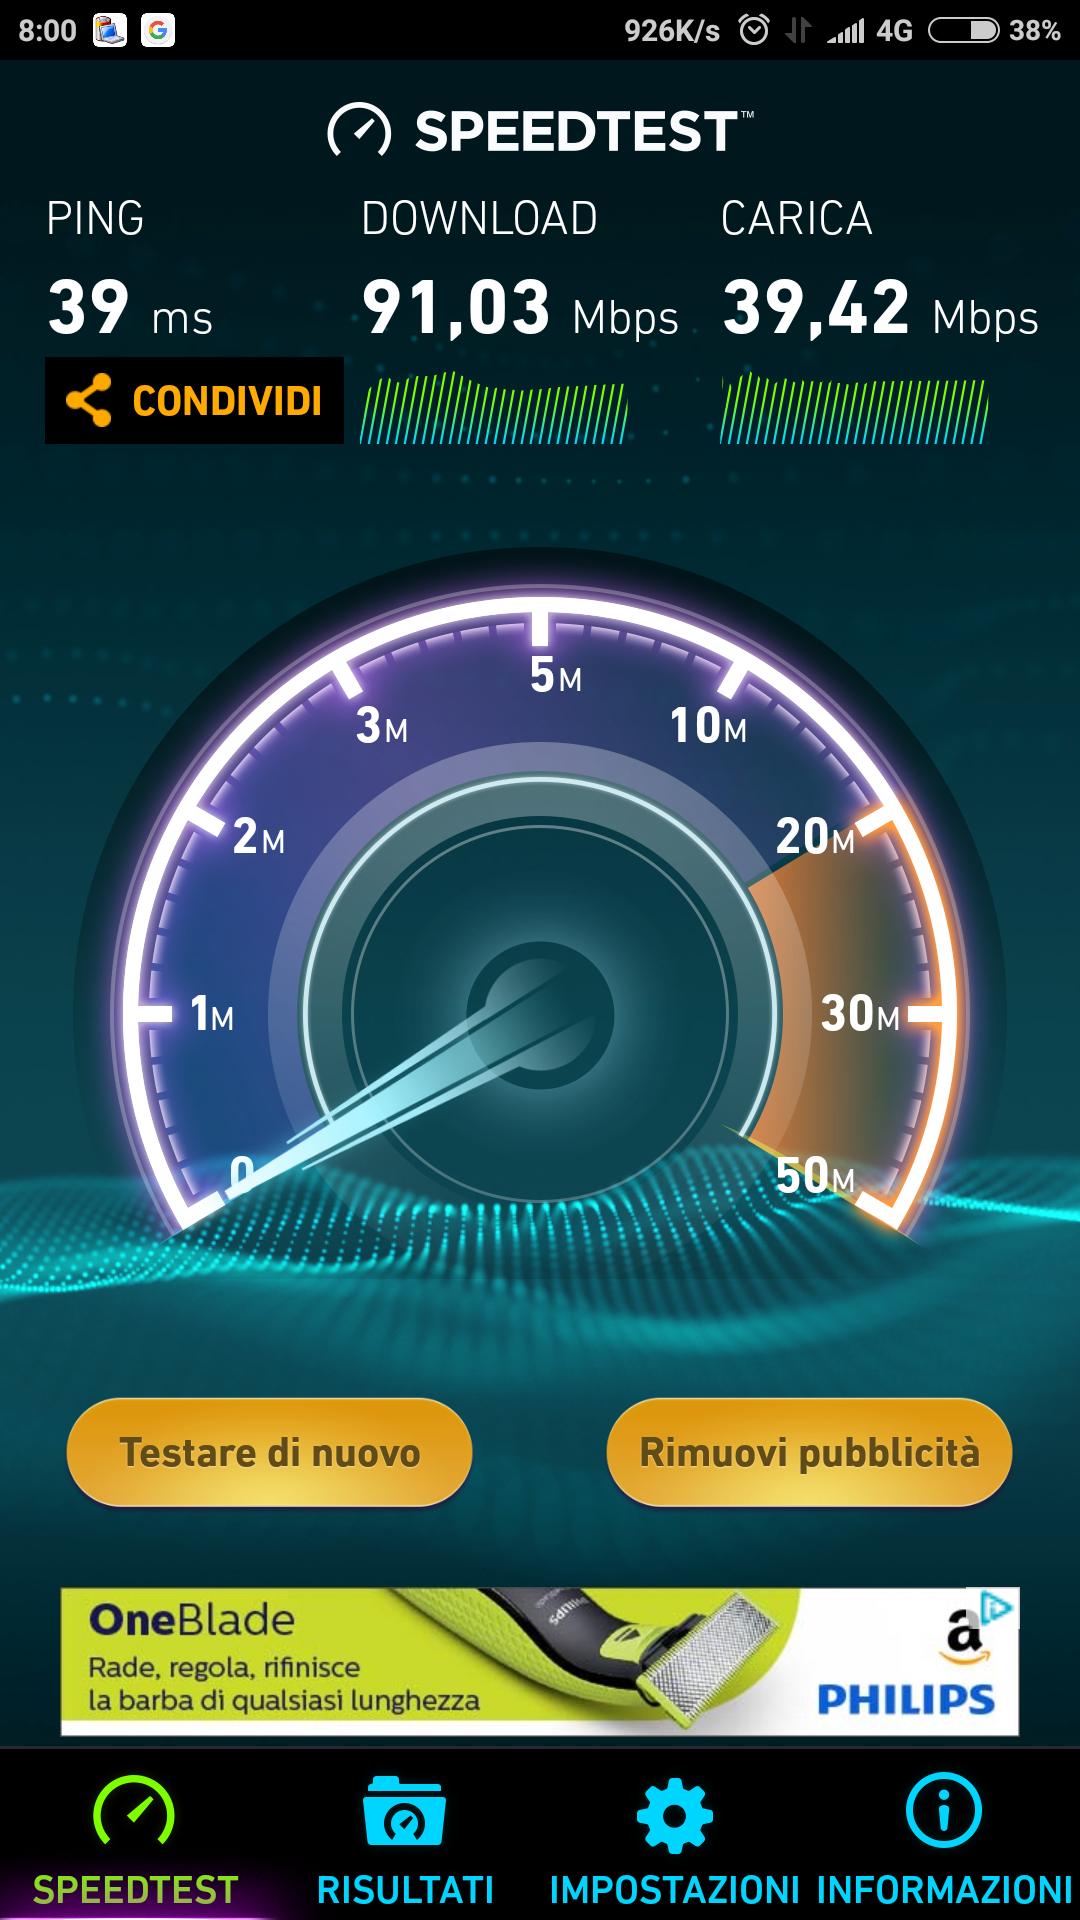 Xiaomi Mi 6 Speedtest LTE